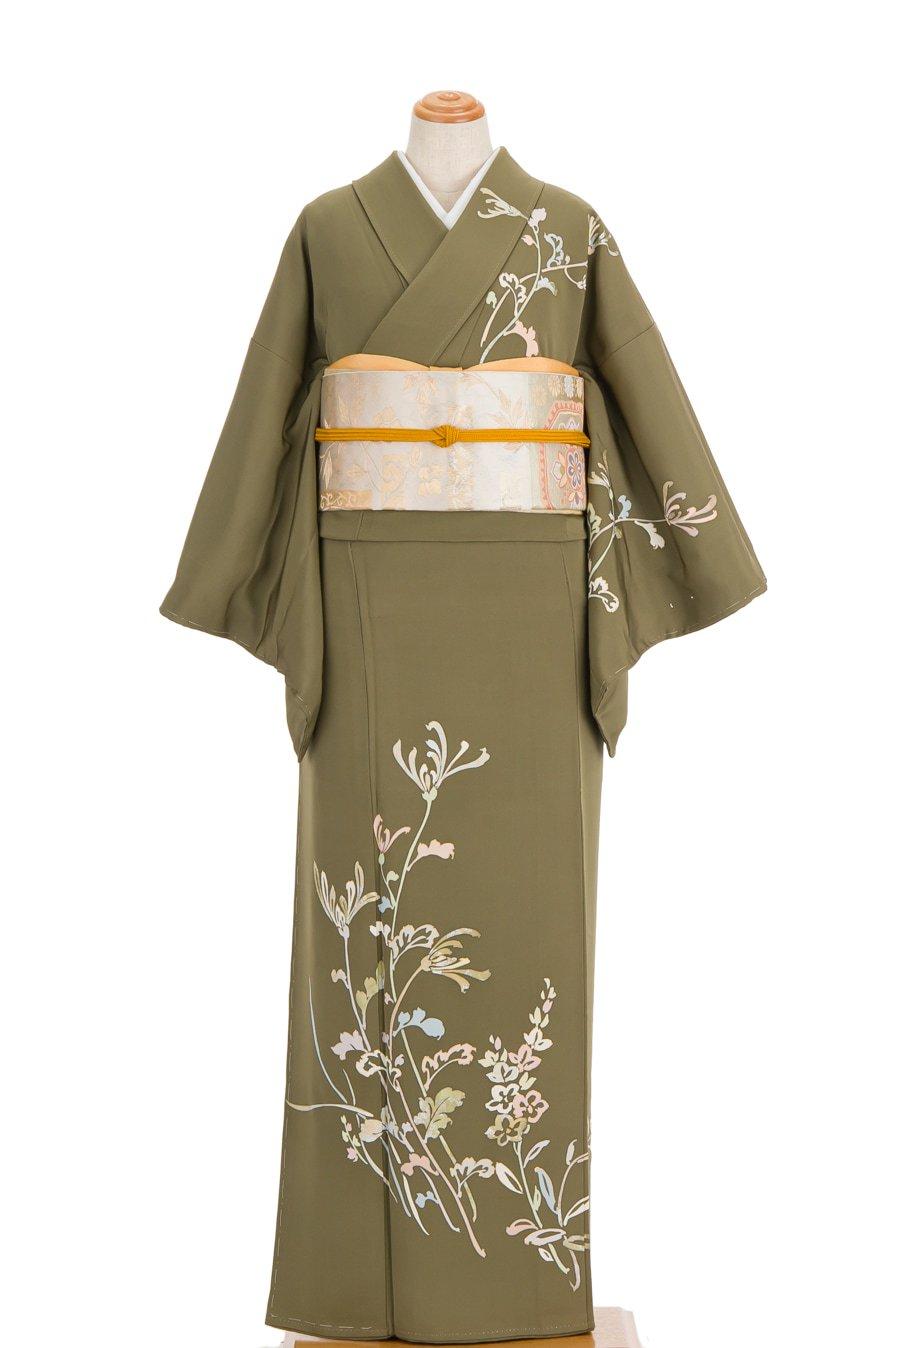 「訪問着 一つ紋 菊の花」の商品画像